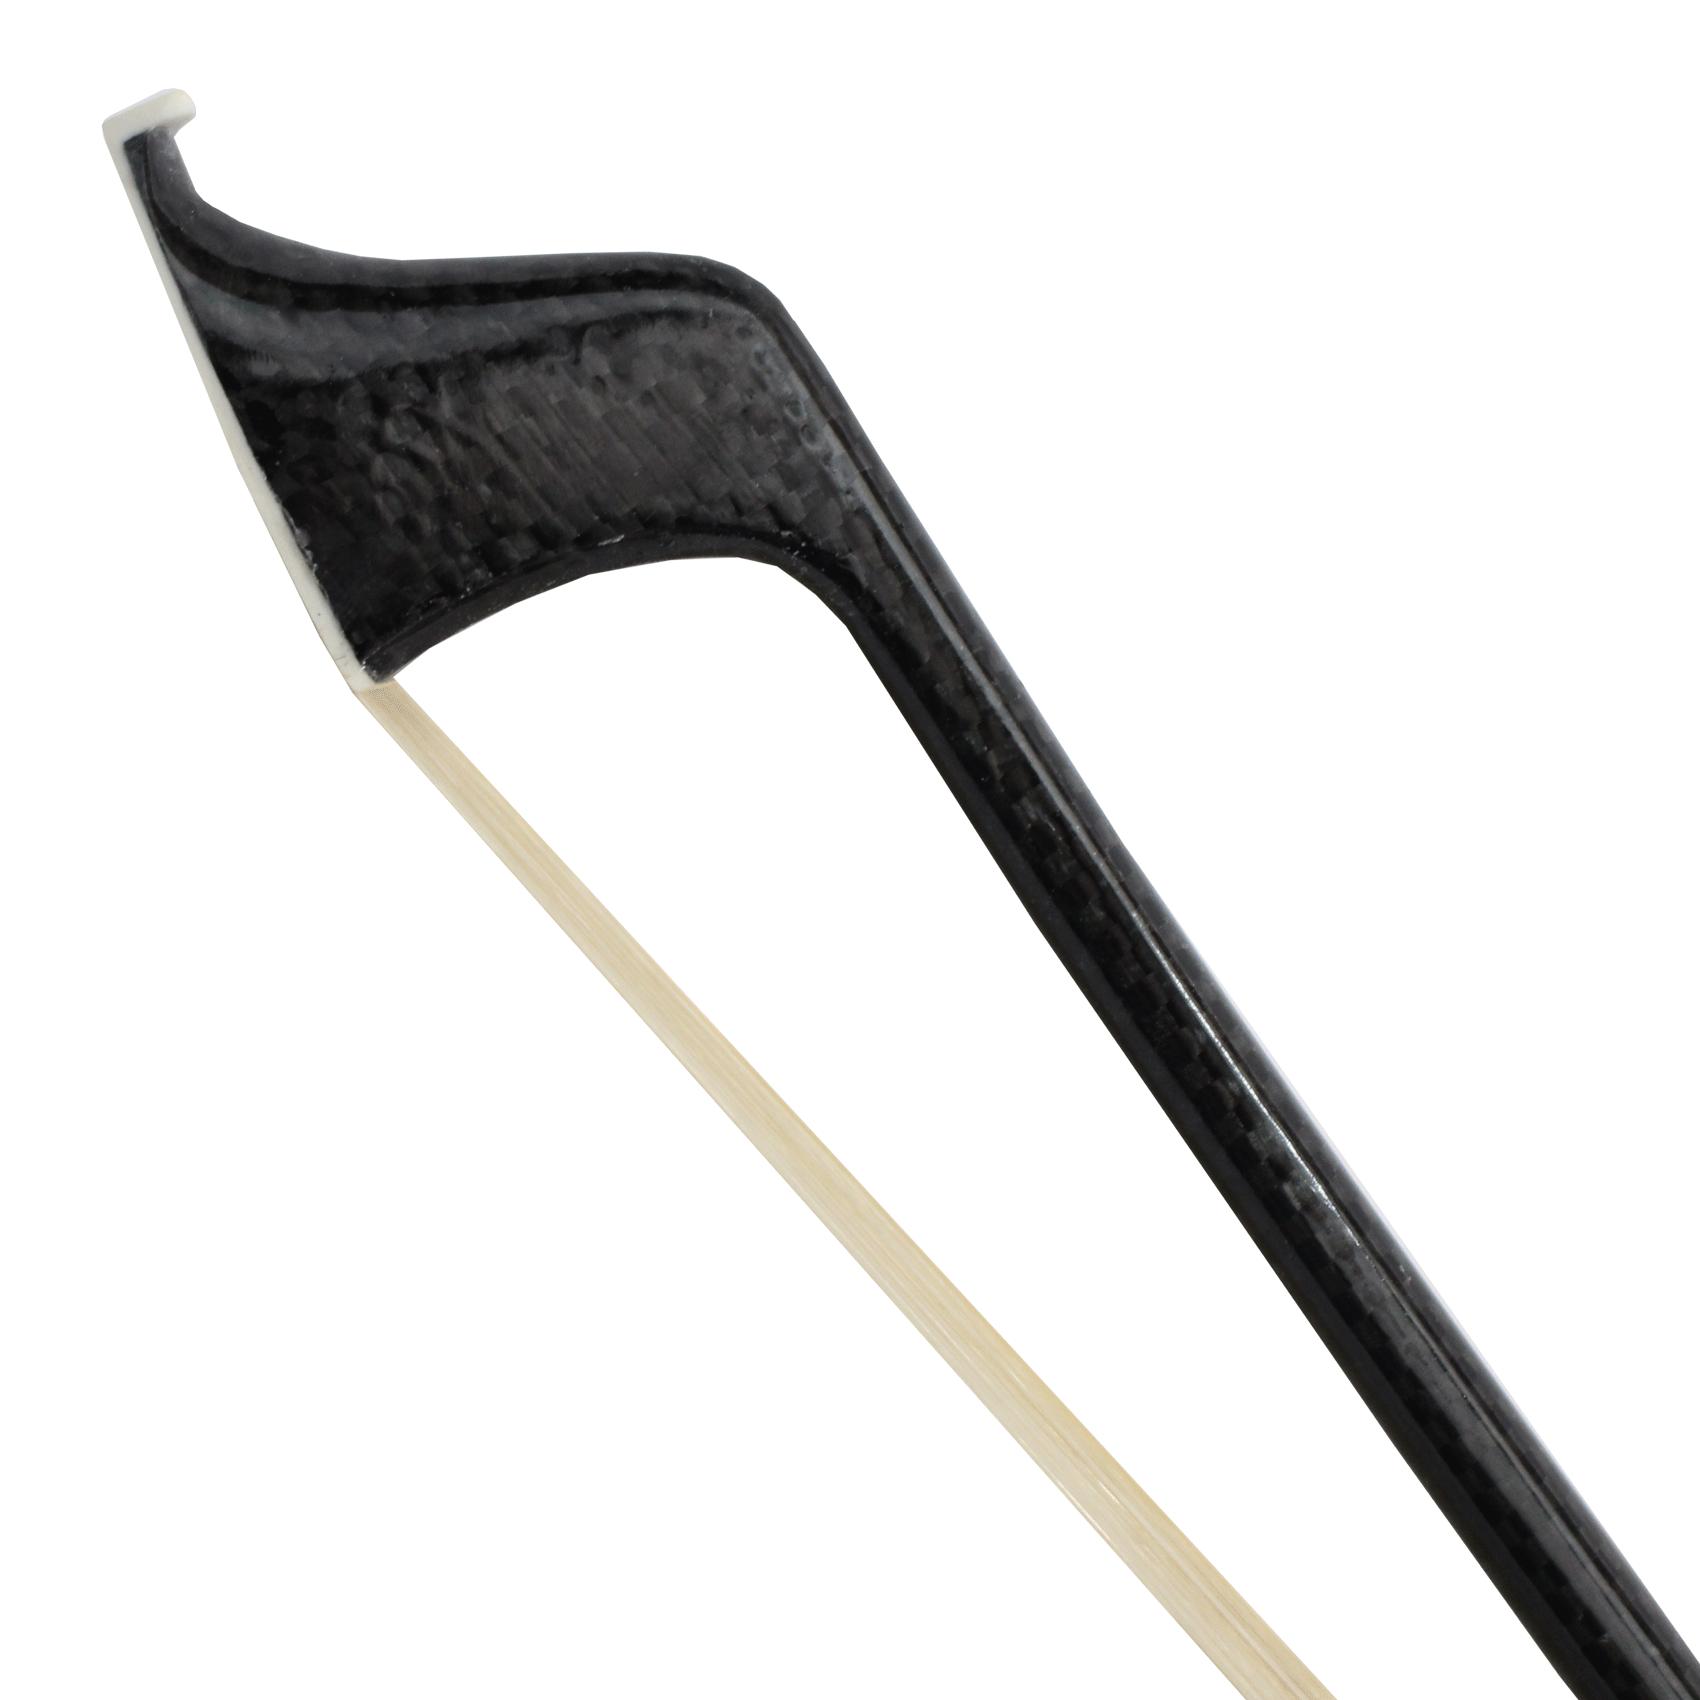 Arco fibra de carbono francês trançado p/ contrabaixo 4/4